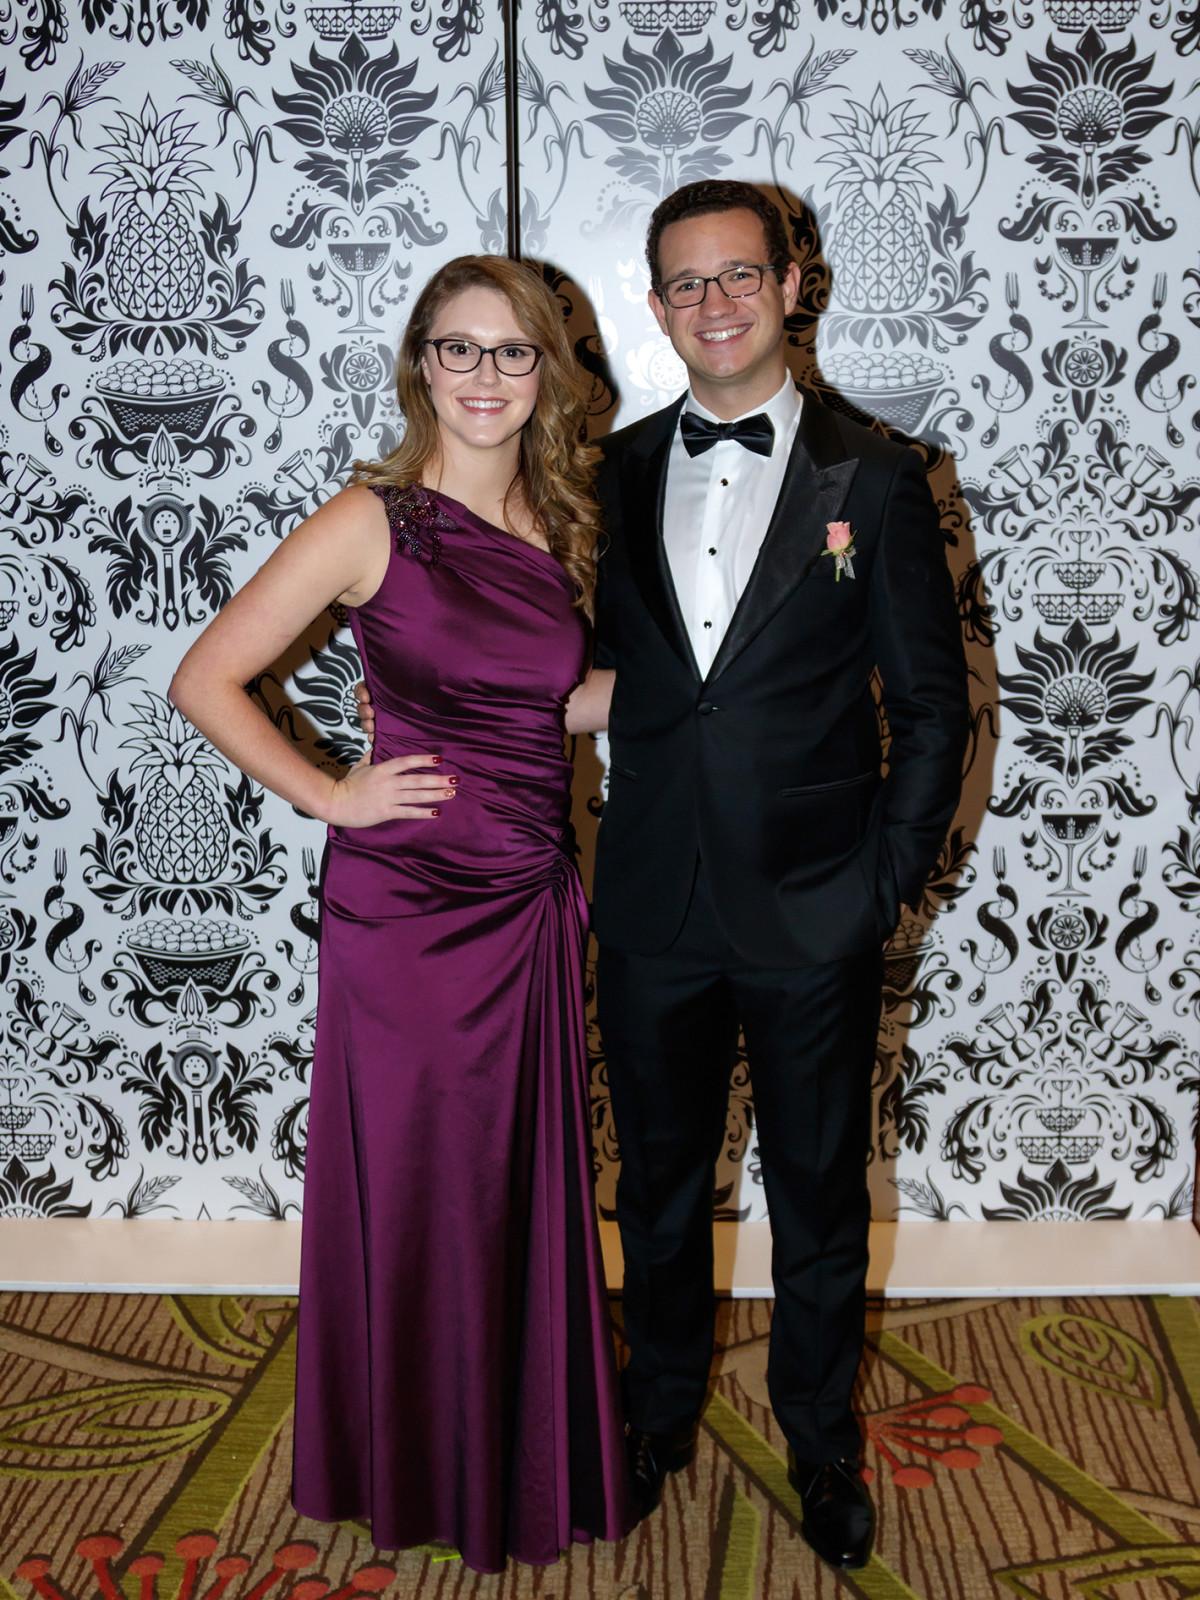 Amanda Silvera, Cole Morgan